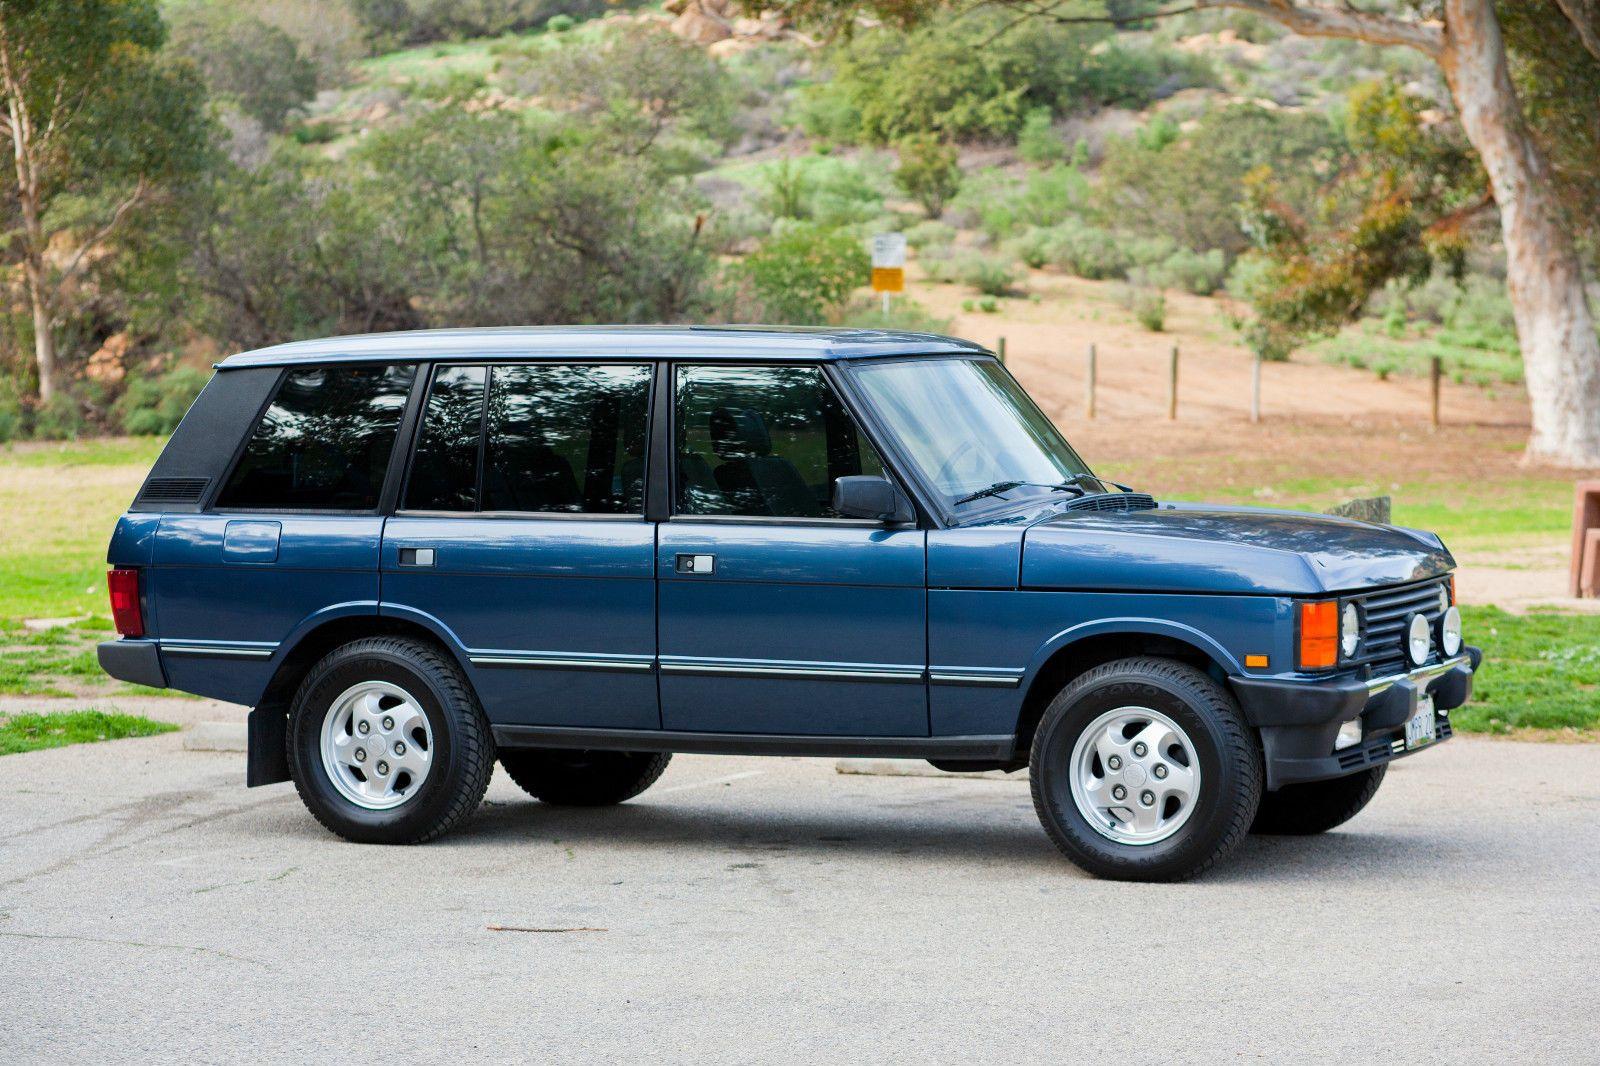 1995 land rover range rover lwb land rover range rover pinterest voitures bleues voitures. Black Bedroom Furniture Sets. Home Design Ideas